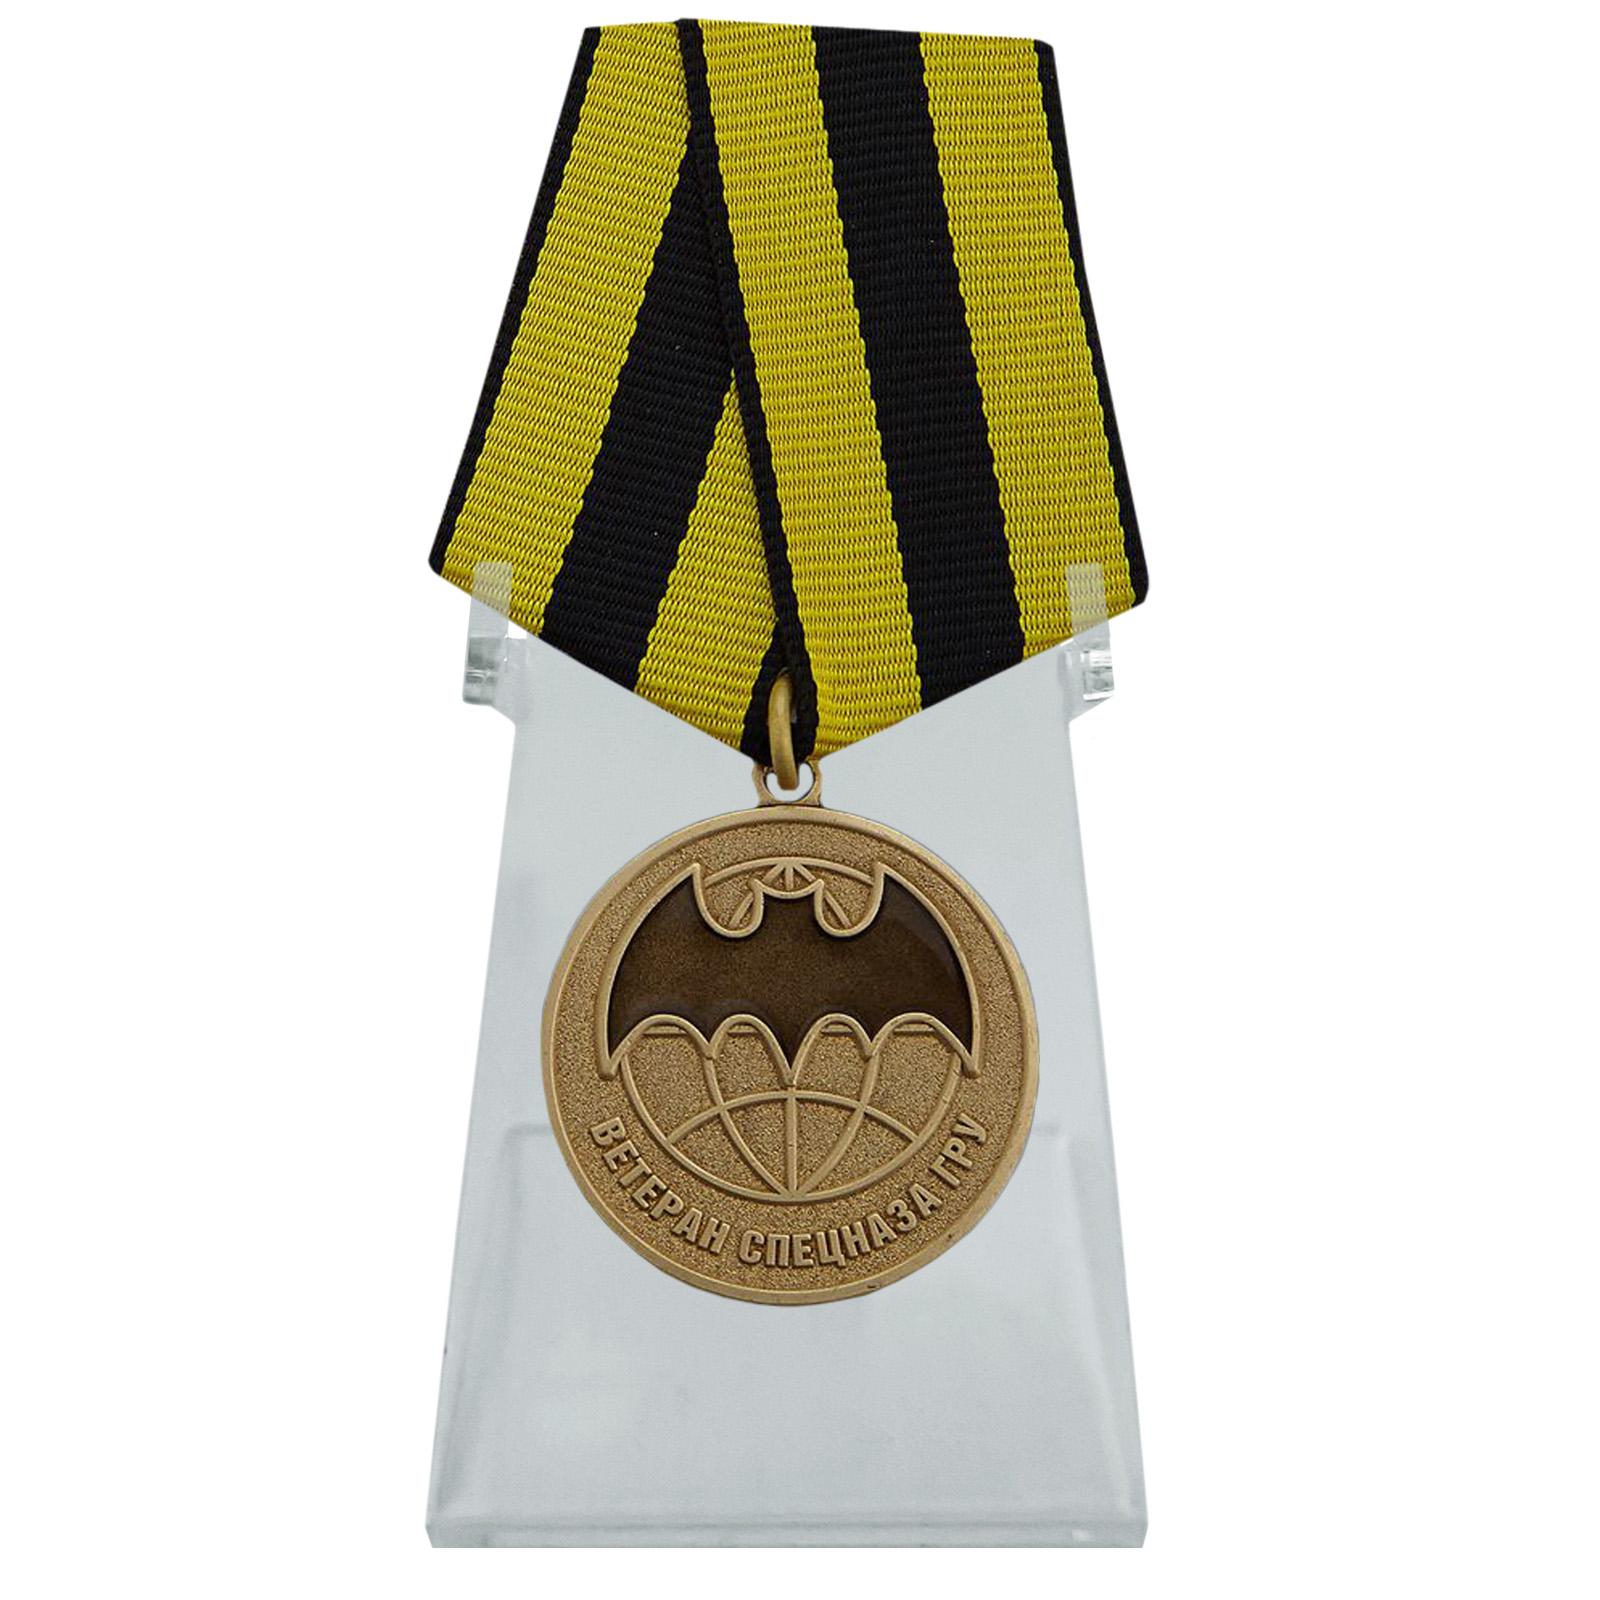 Медаль для ветерана Спецназа ГРУ на подставке